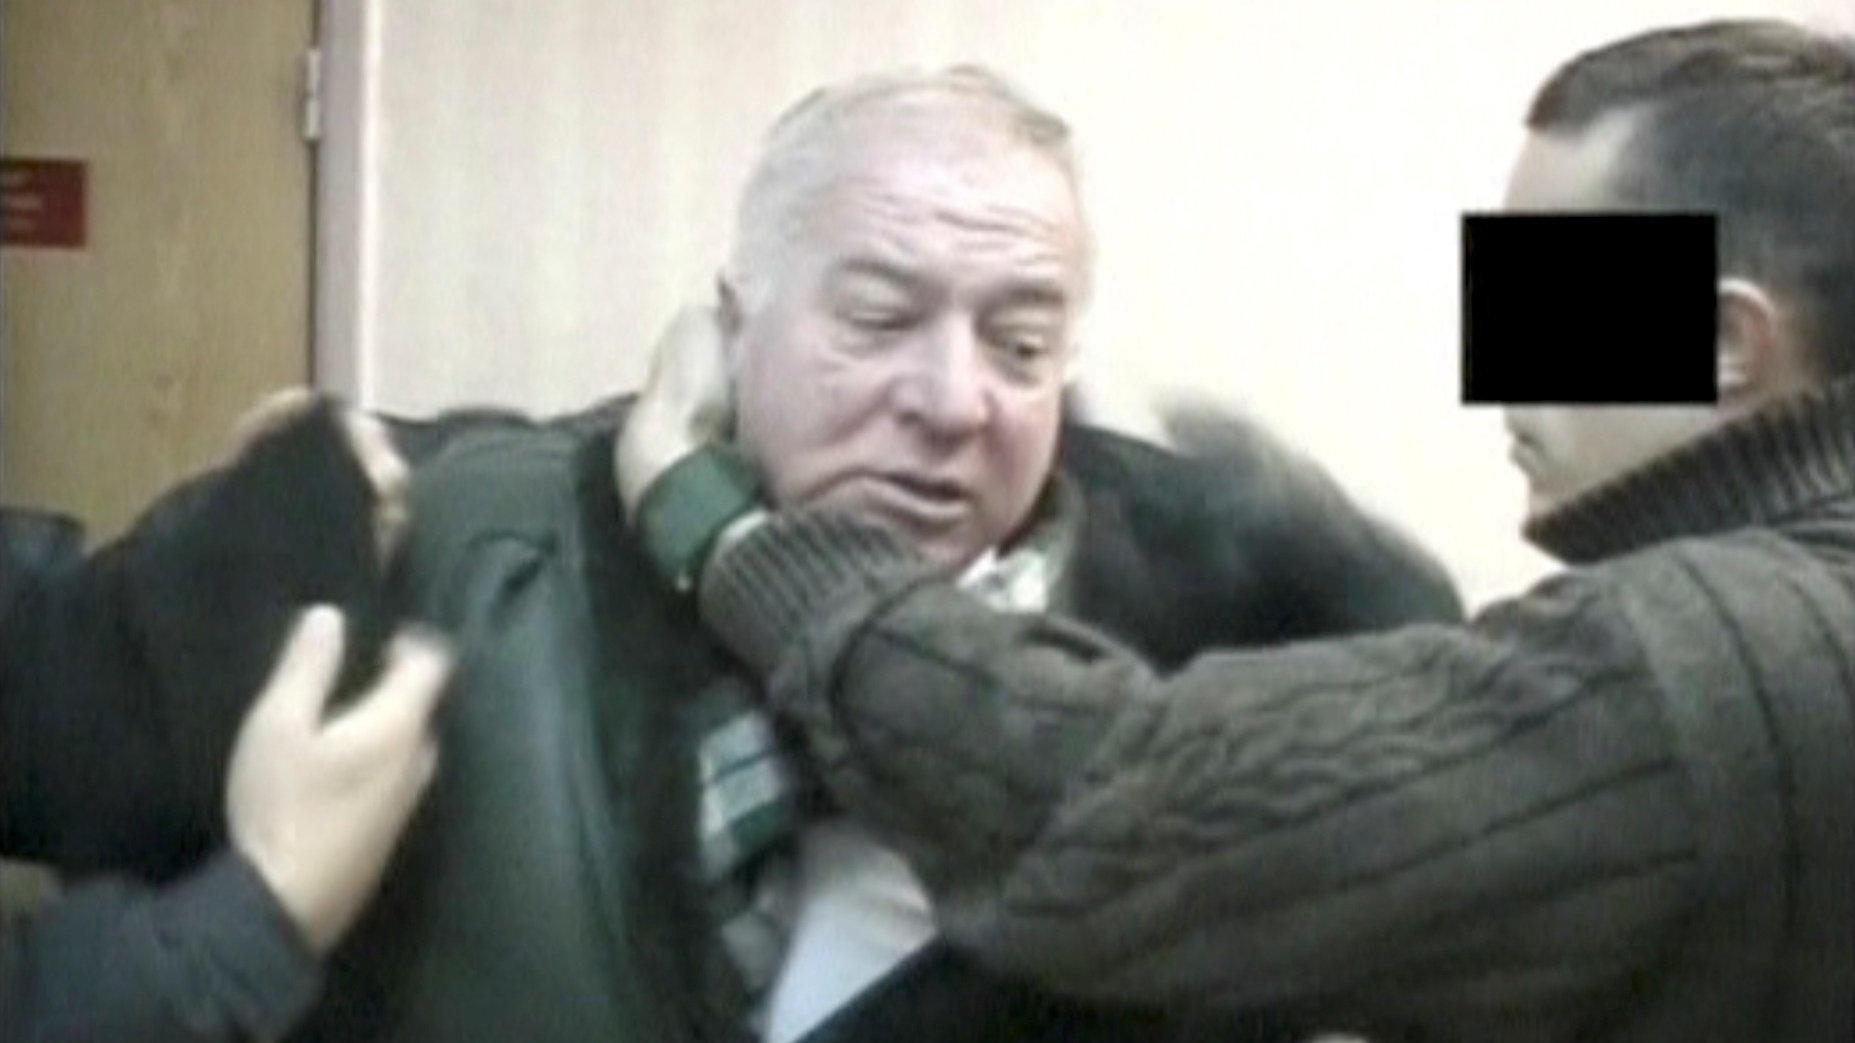 Der russische Ex Spion Sergej Skripal wurde anscheinend vergiftet